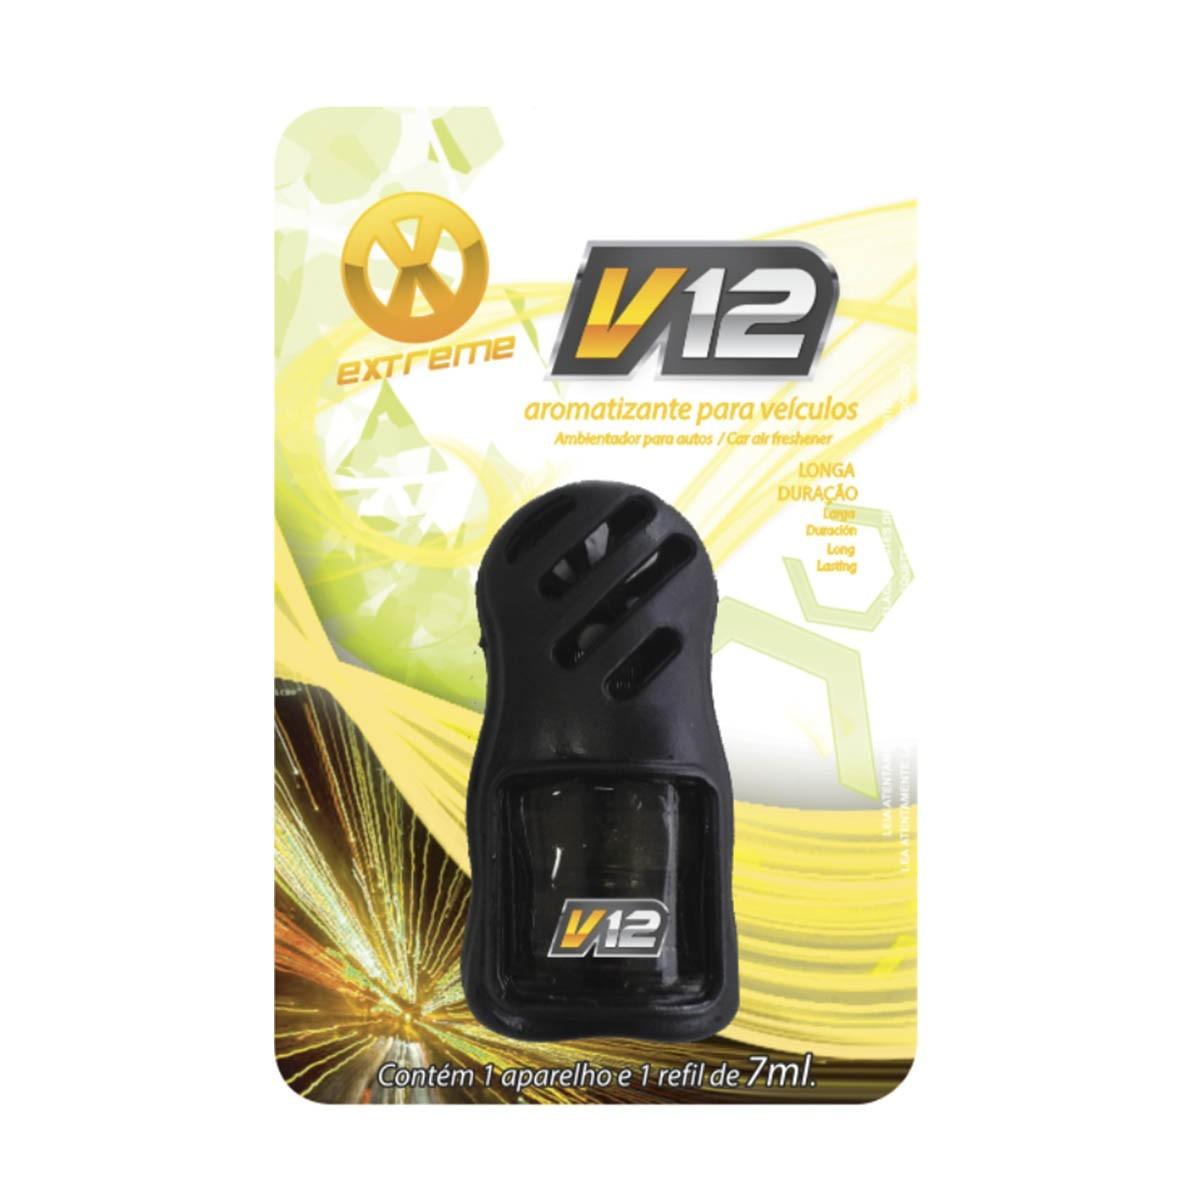 Aromatizante Painel de veículos V12 - EXTREME (7ml) Centralsul  - Loja Go Eco Wash